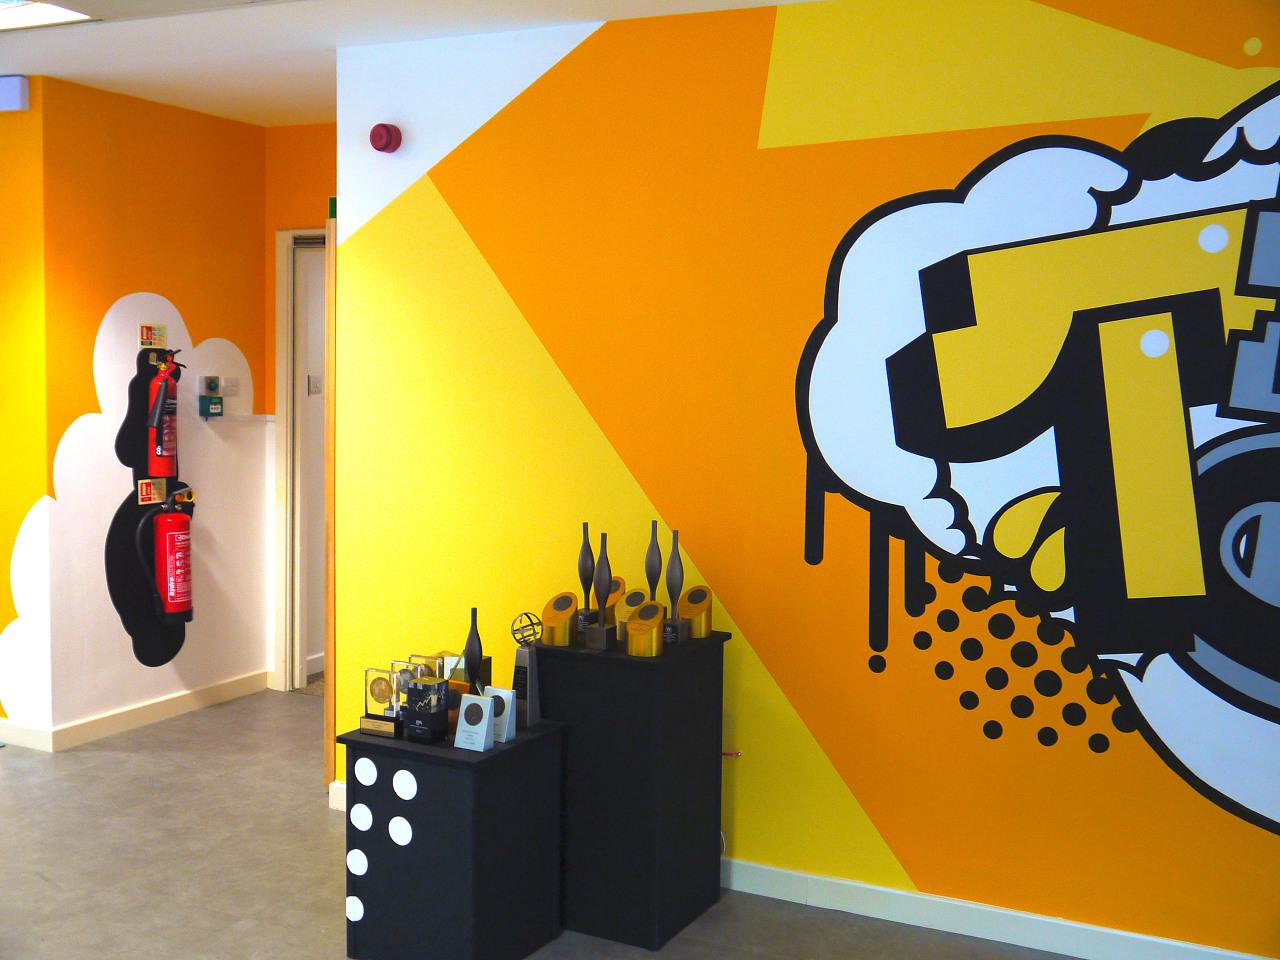 天津墙绘团队_天津淘宝网手绘墙_天津涂鸦墙绘_立体画